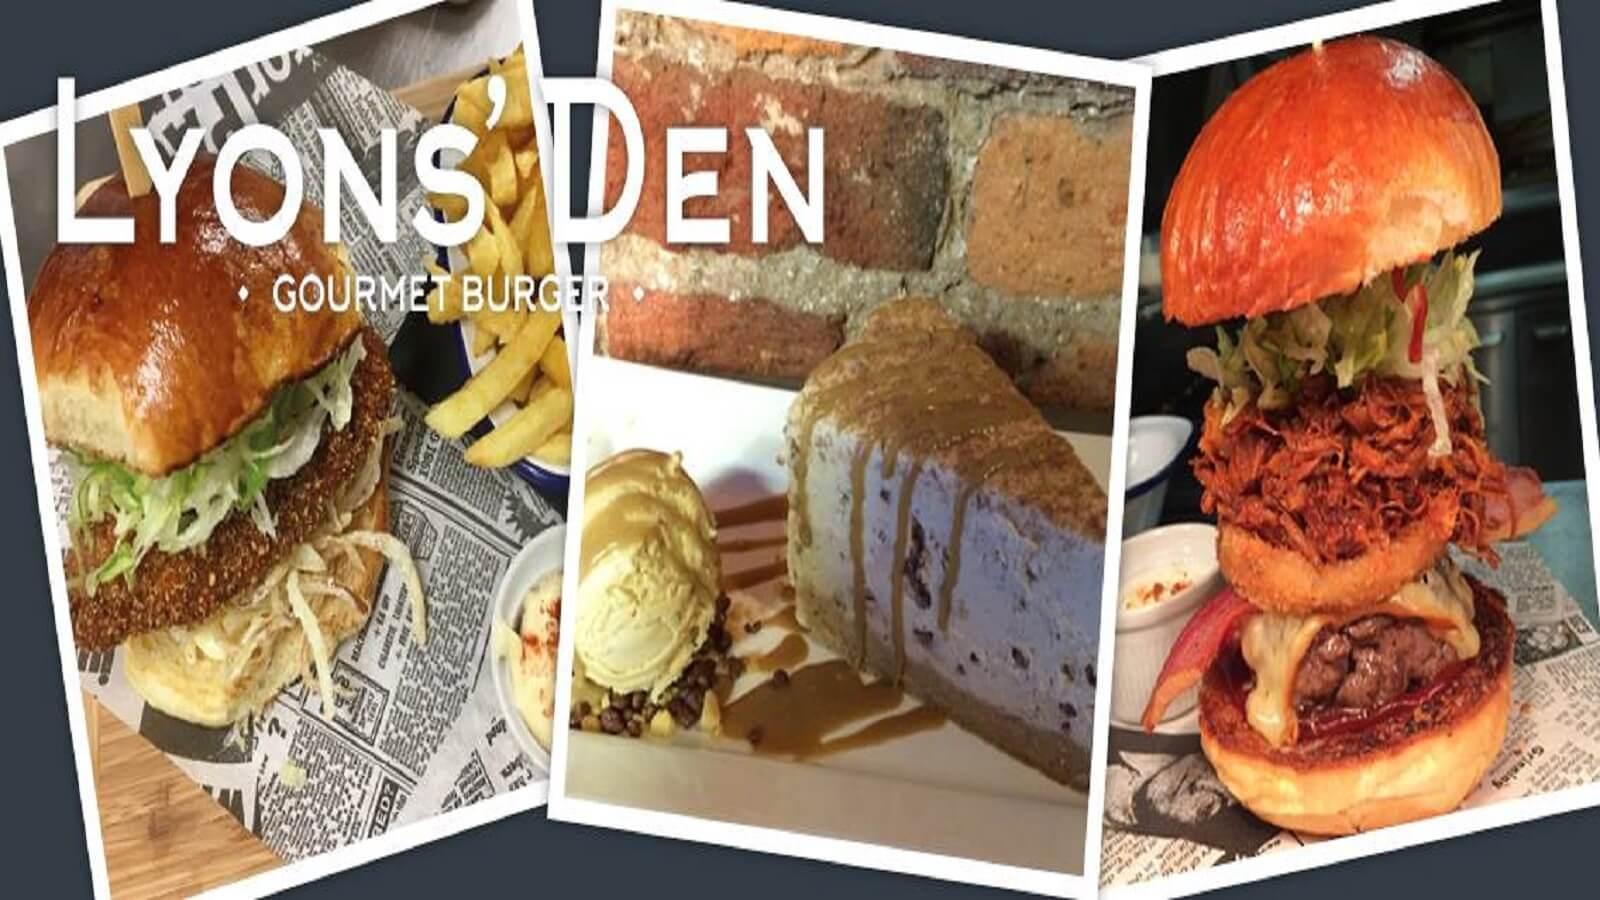 Lyon Den Gourmet Burger